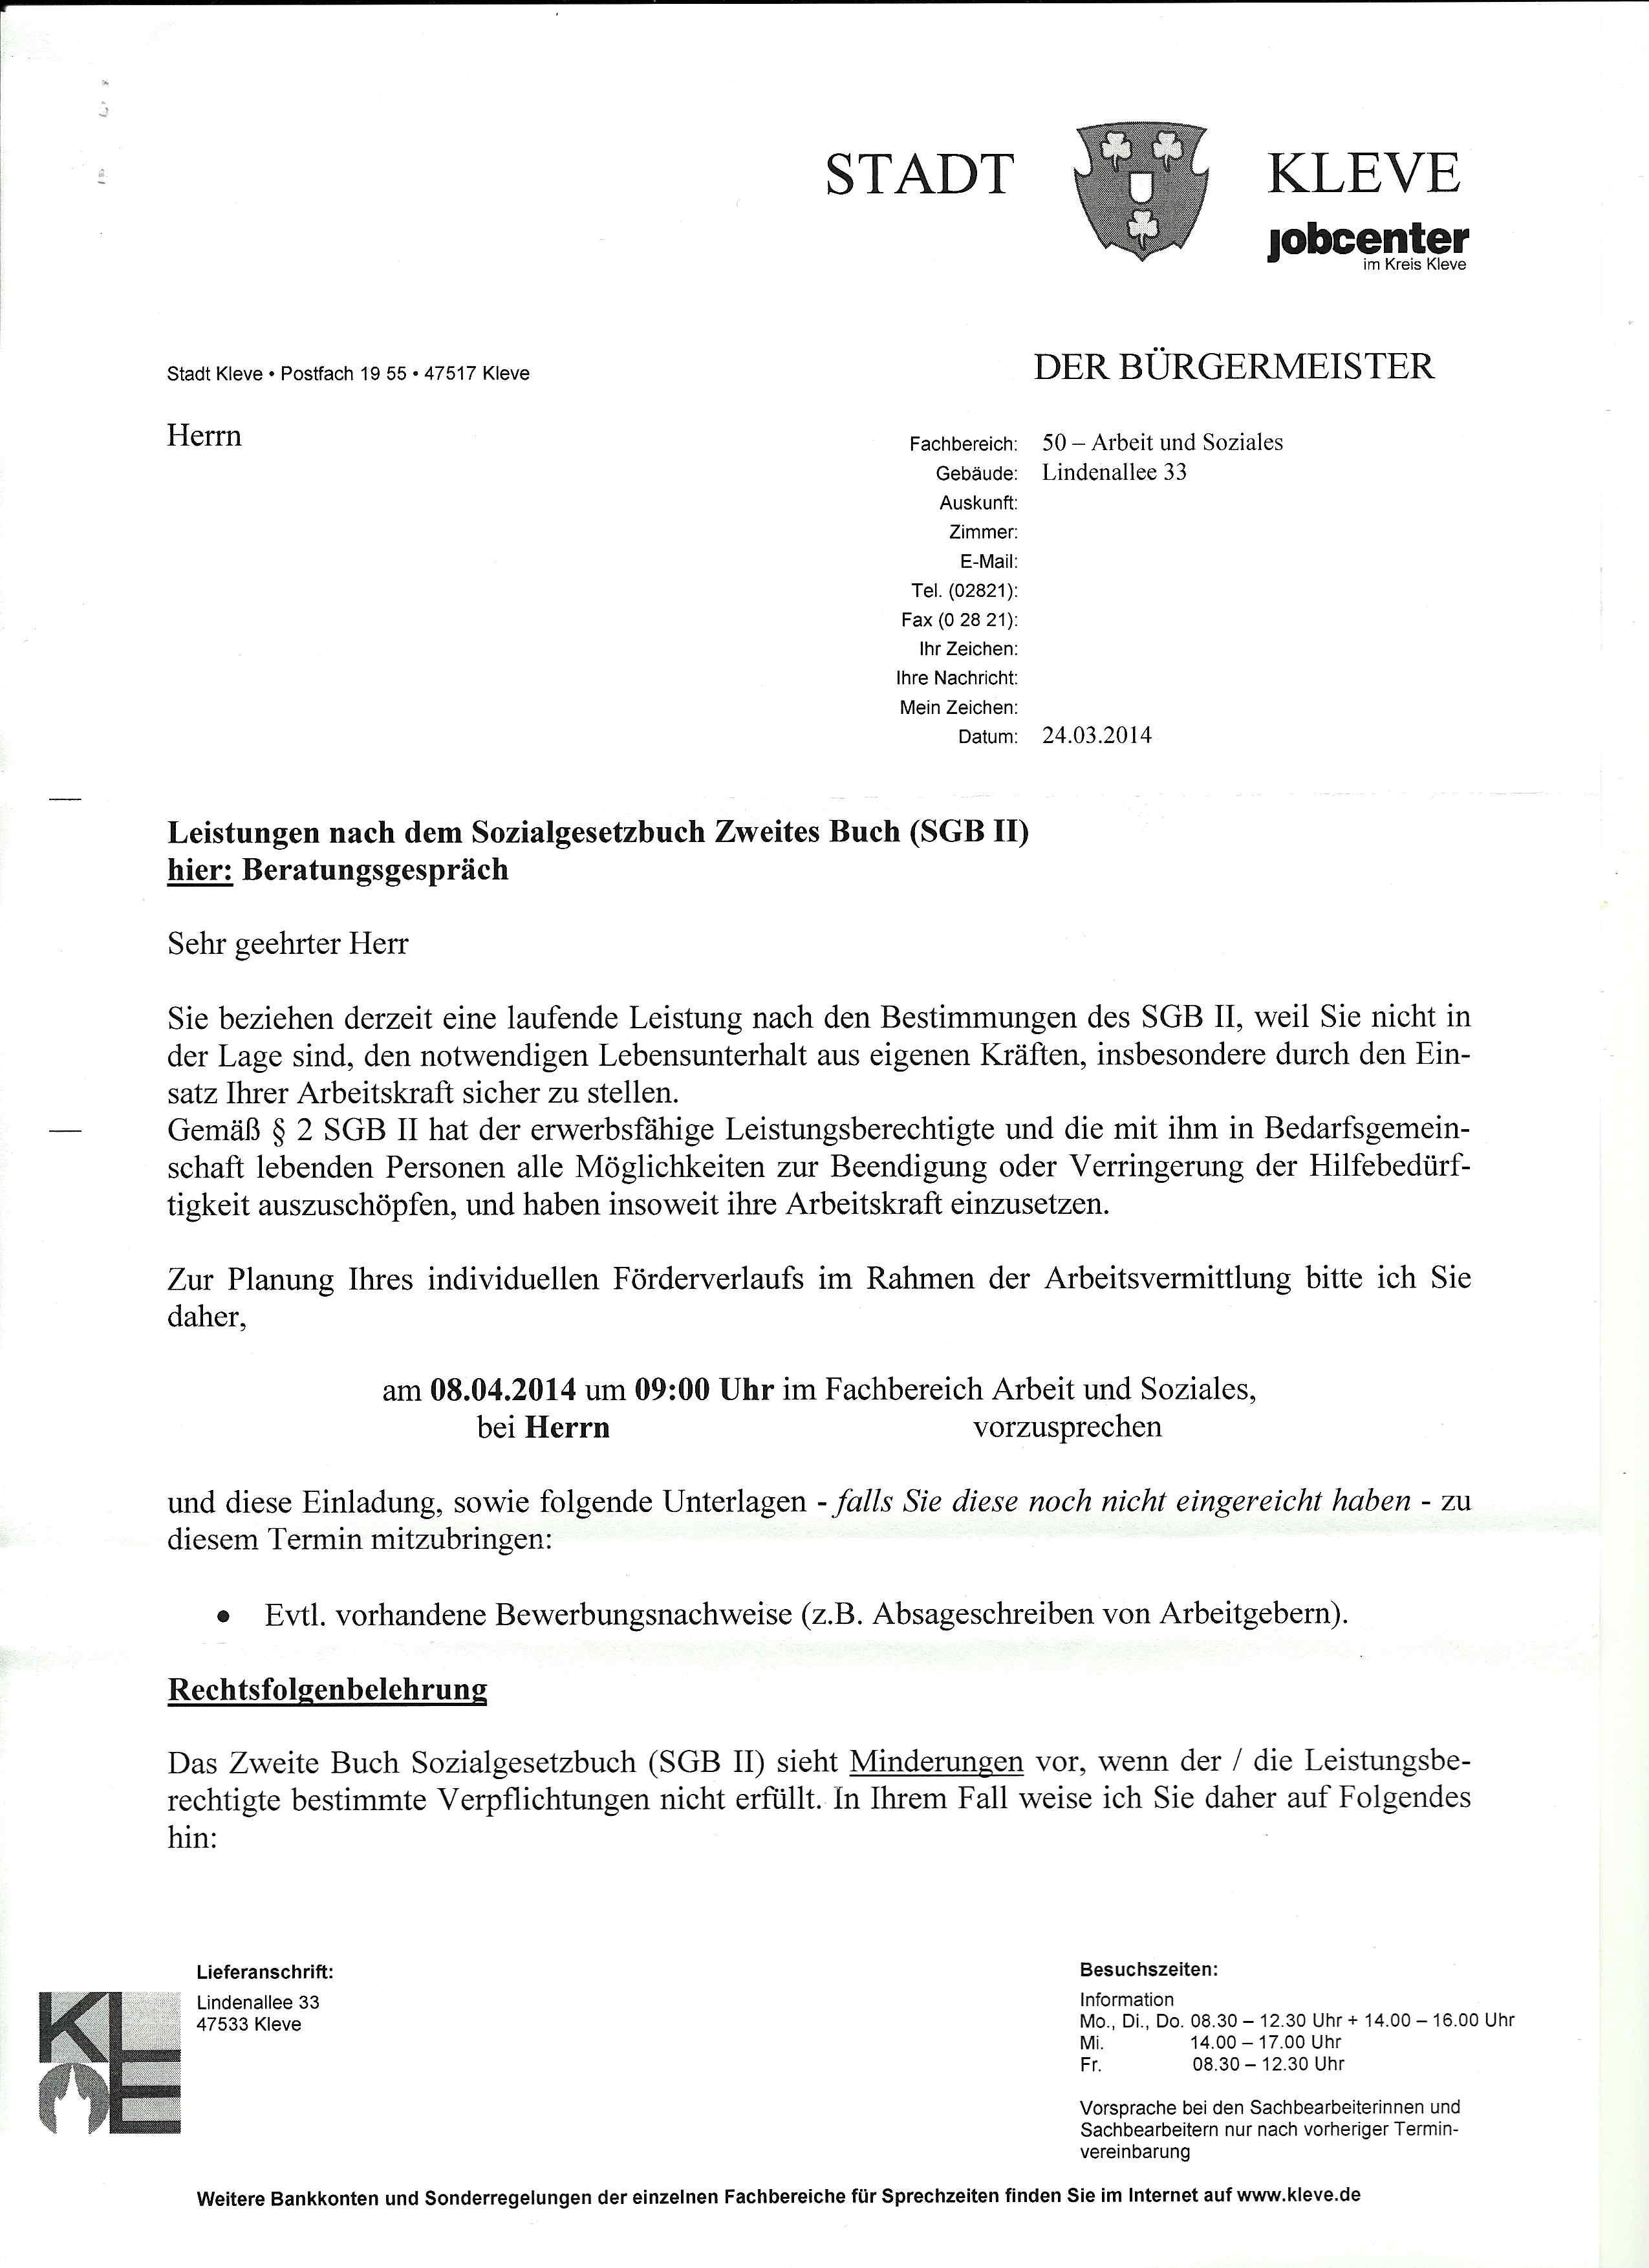 euronia - materielle und formale rechtmässigkeit bzw, Einladung